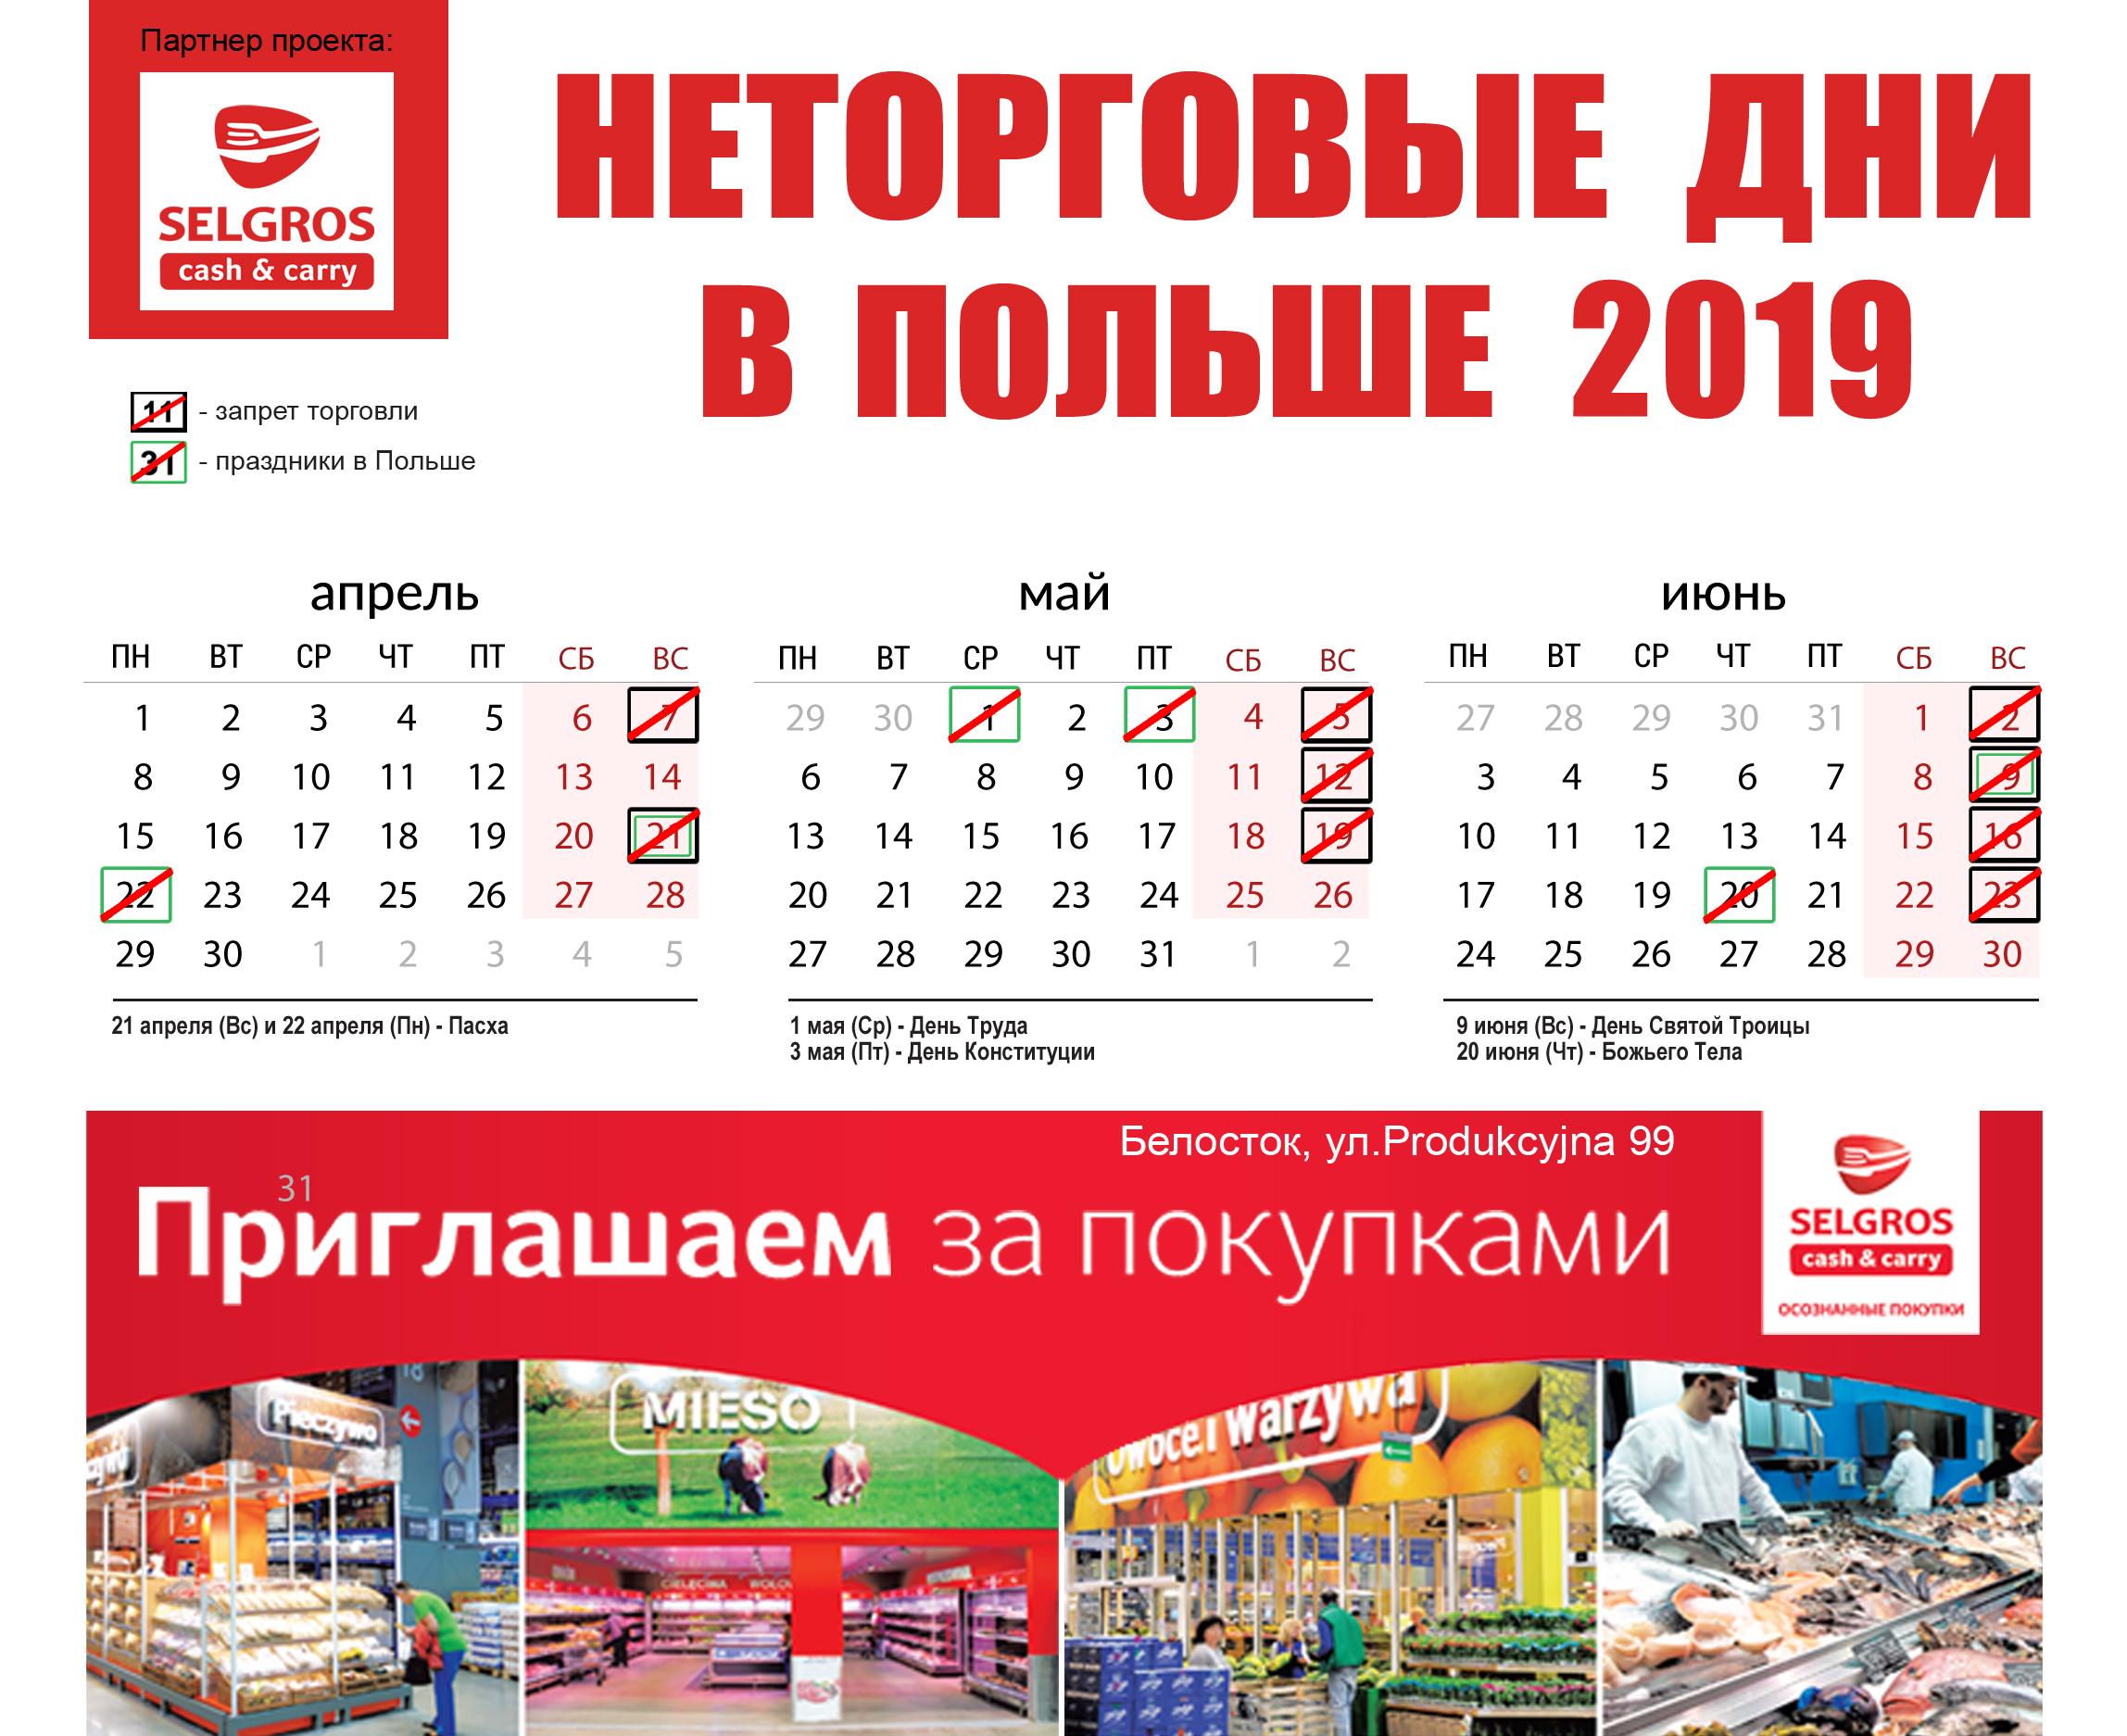 ab29e85c13c С 1 марта 2018 года в Польше начал действовать запрет на торговлю по  воскресеньям. Мы предлагаем воспользоваться нашим календарем